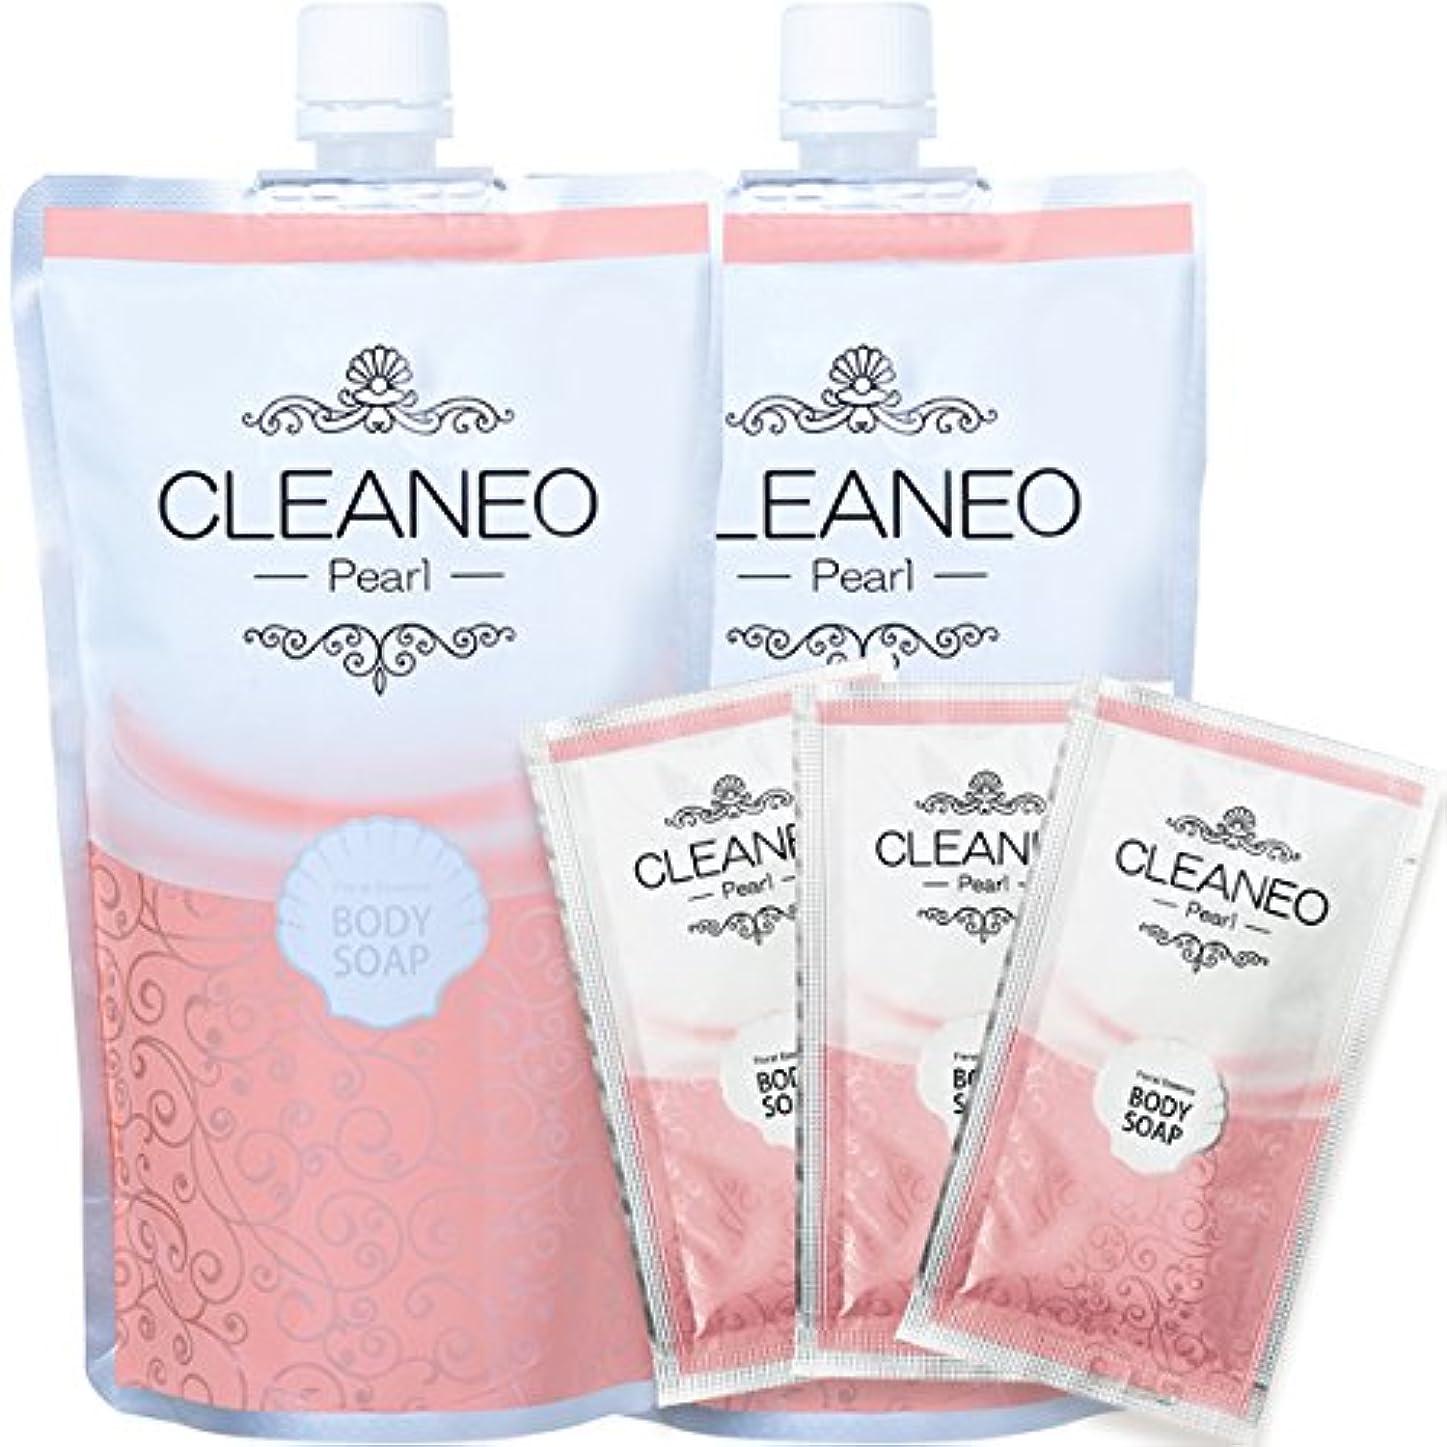 ローマ人今まで収容するクリアネオ公式(CLEANEO) パール オーガニックボディソープ 透明感のある美肌へ 詰替300ml ×2 + パールパウチセット